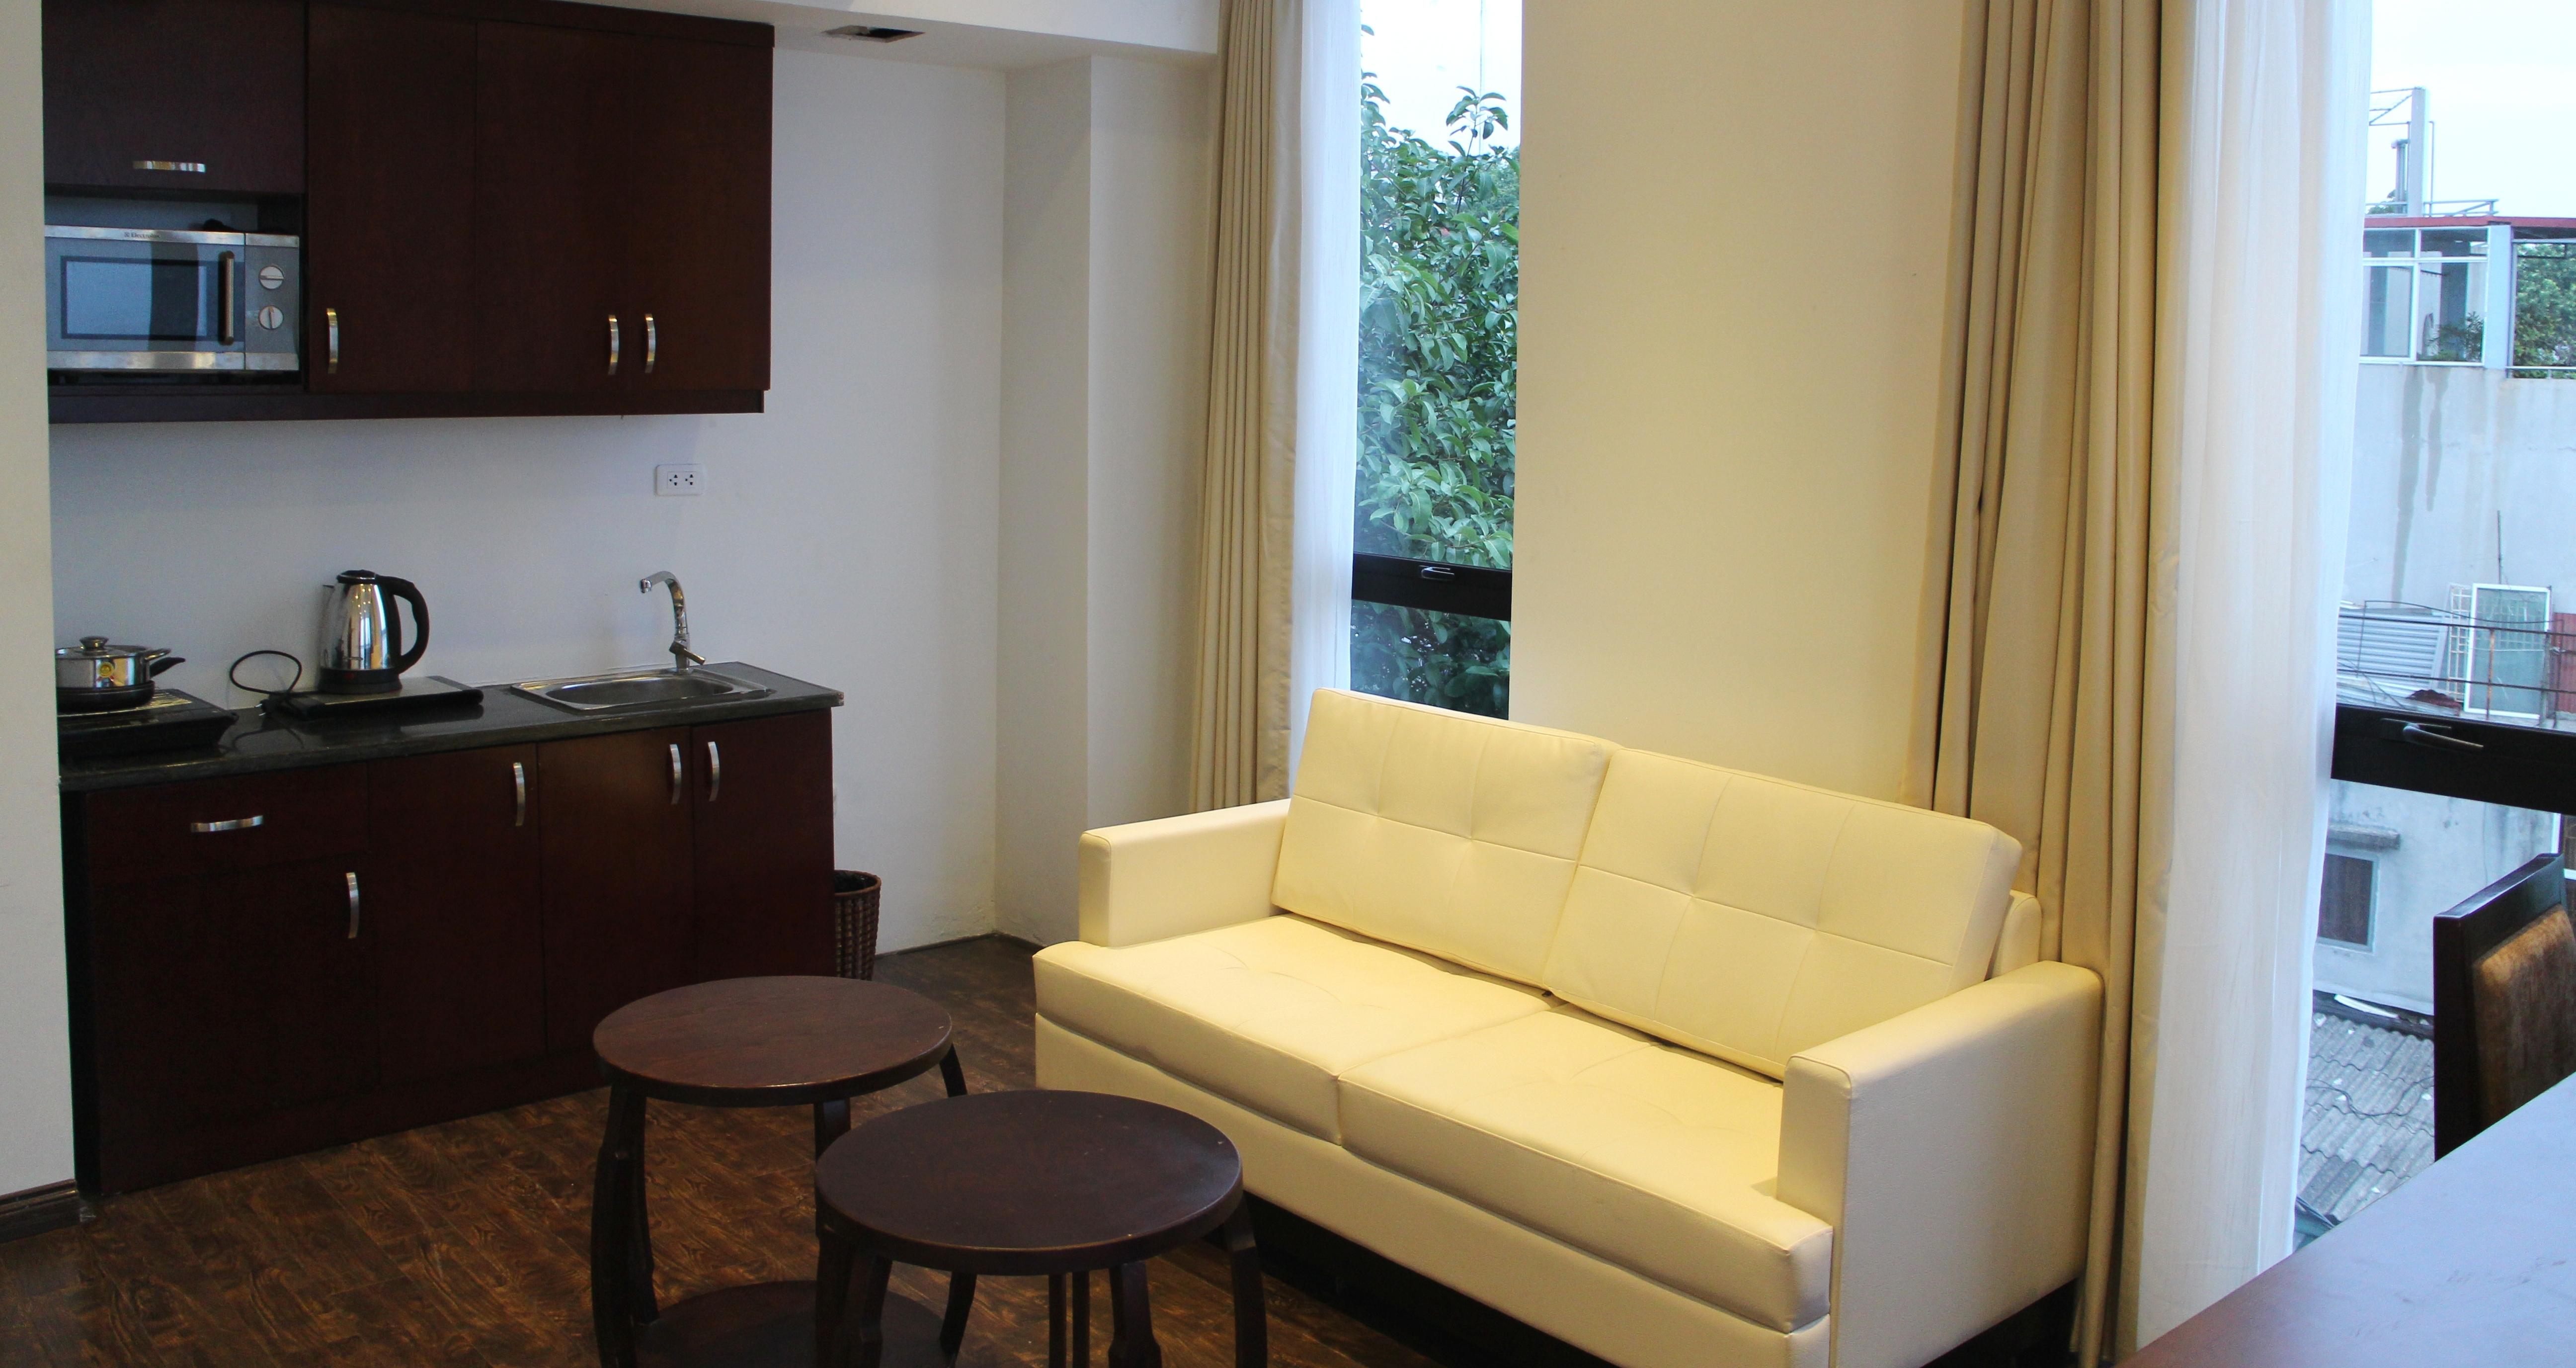 Cho thuê căn hộ dịch vụ quận Tây Hồ gần Ba Đình, Cầu Giấy,